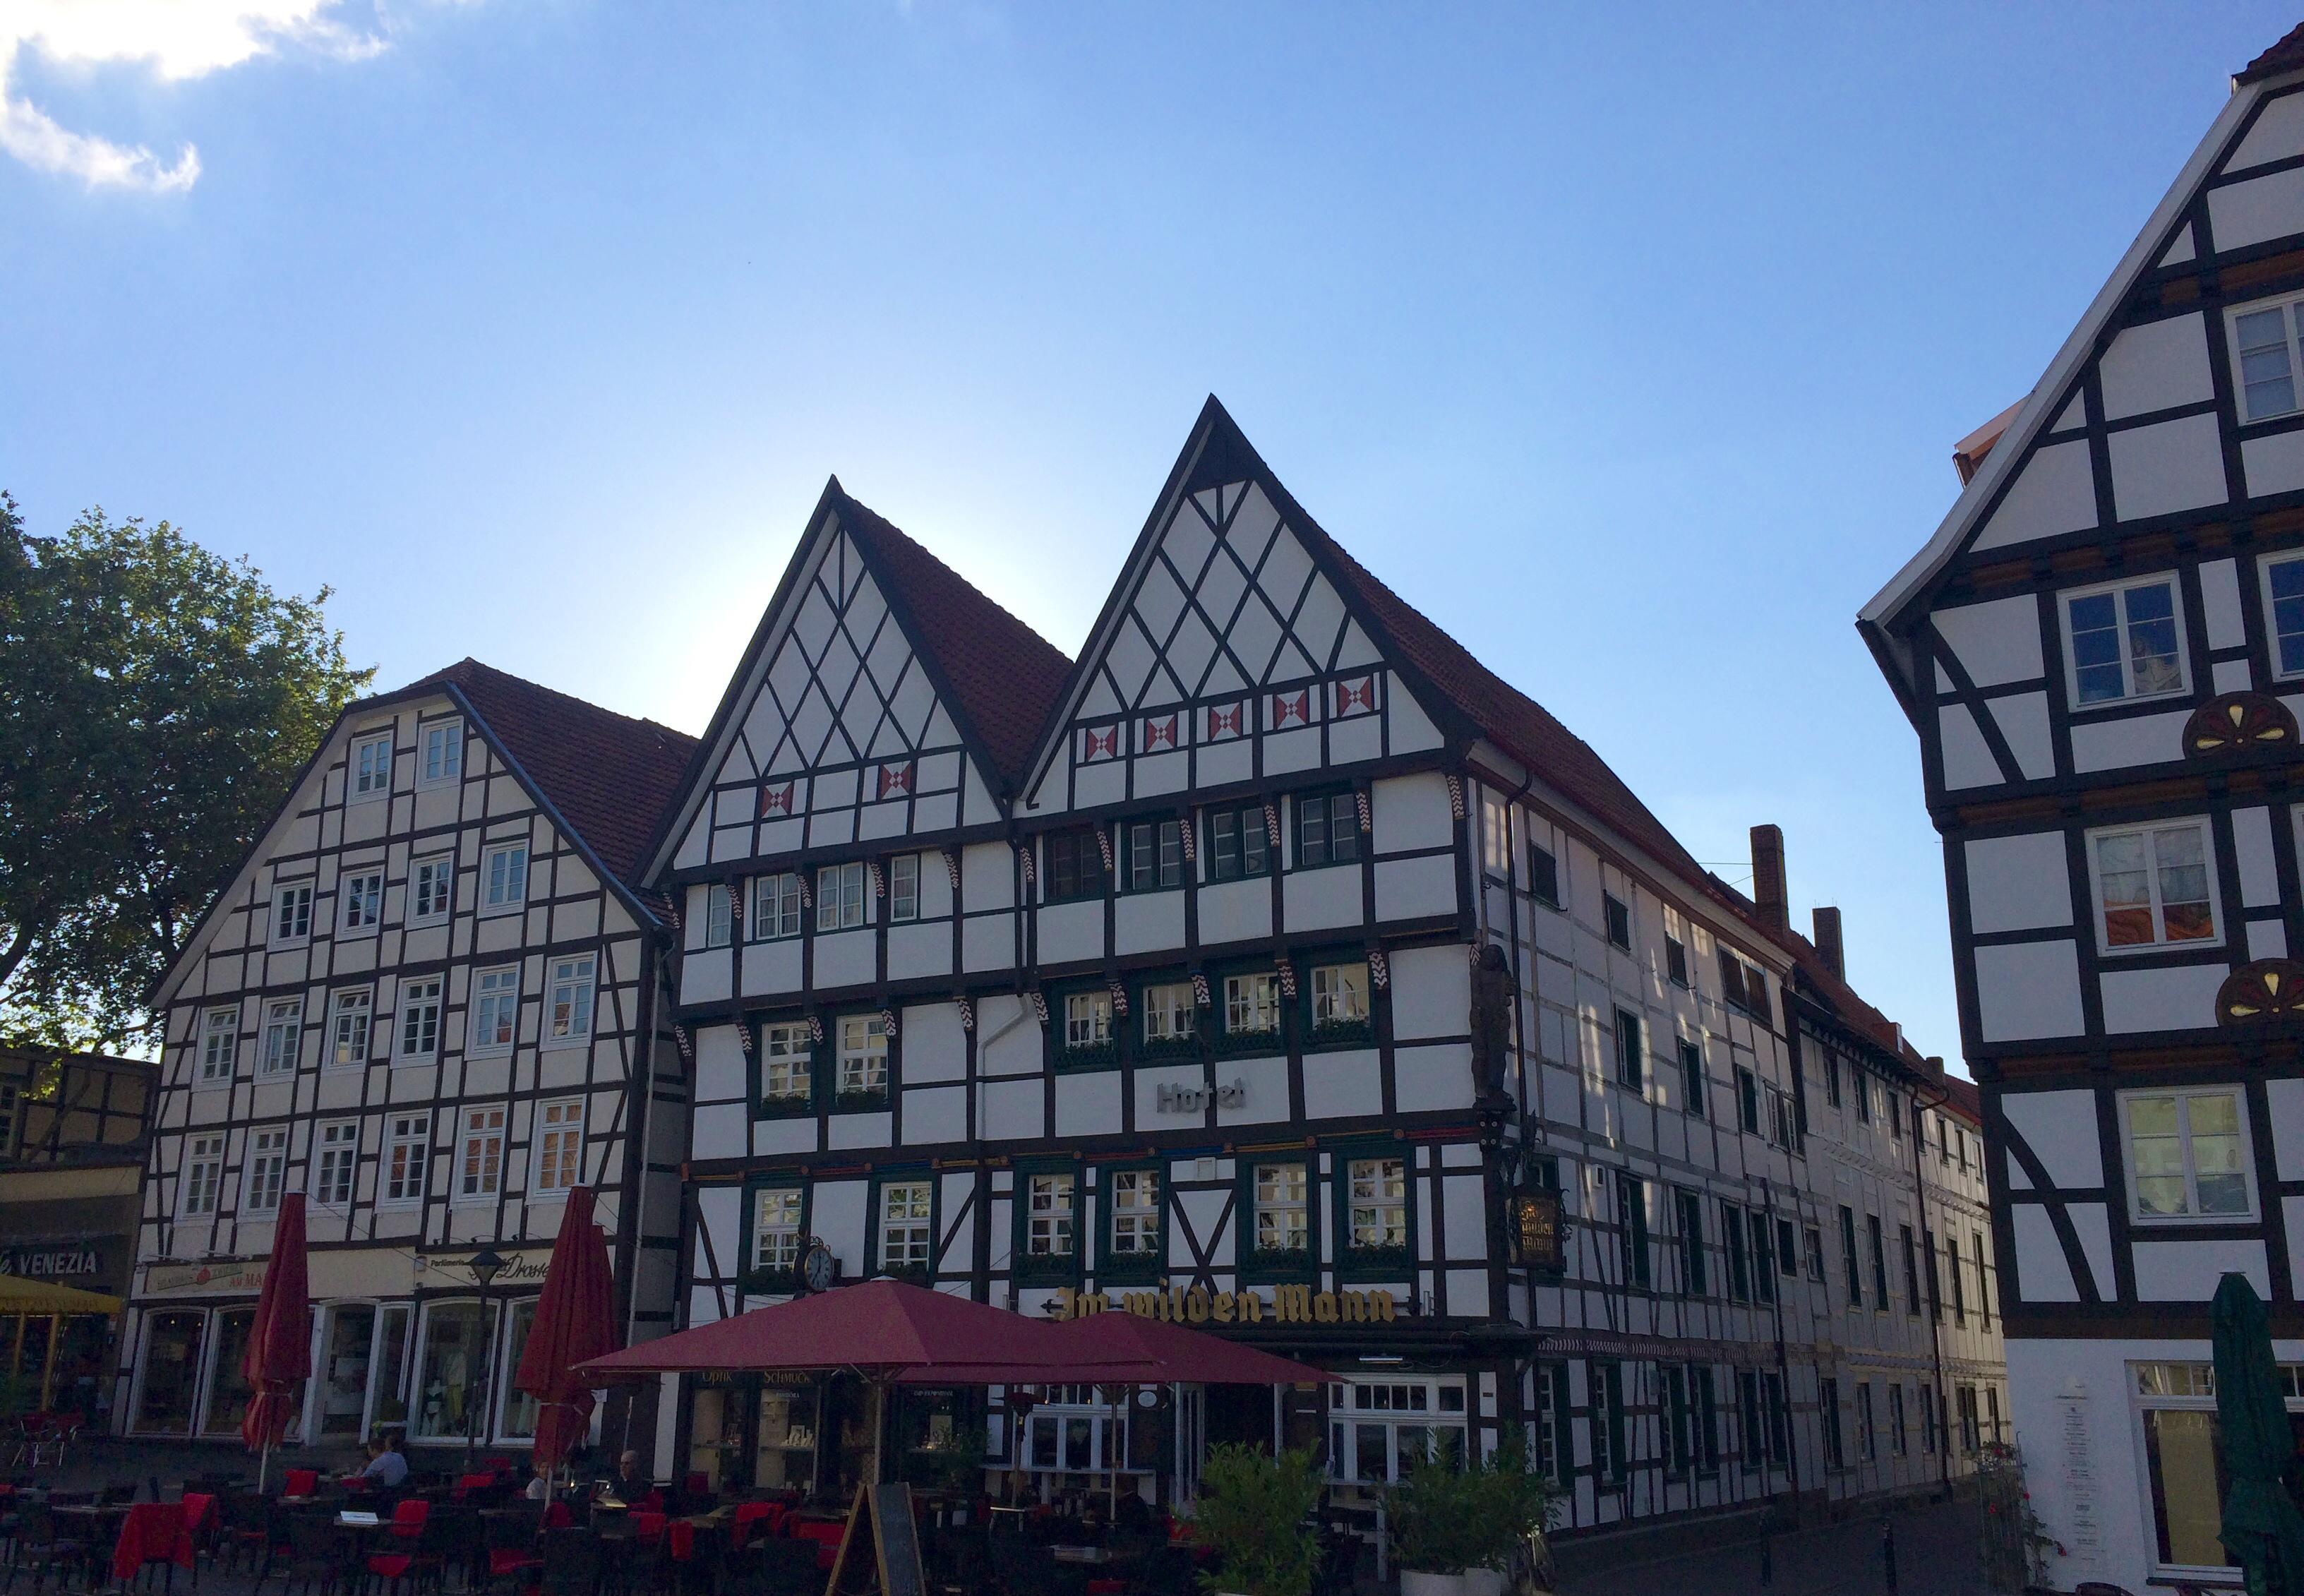 Fachwerkdoppelhaus mit zwei Giebeln in der Altstadt von Soest